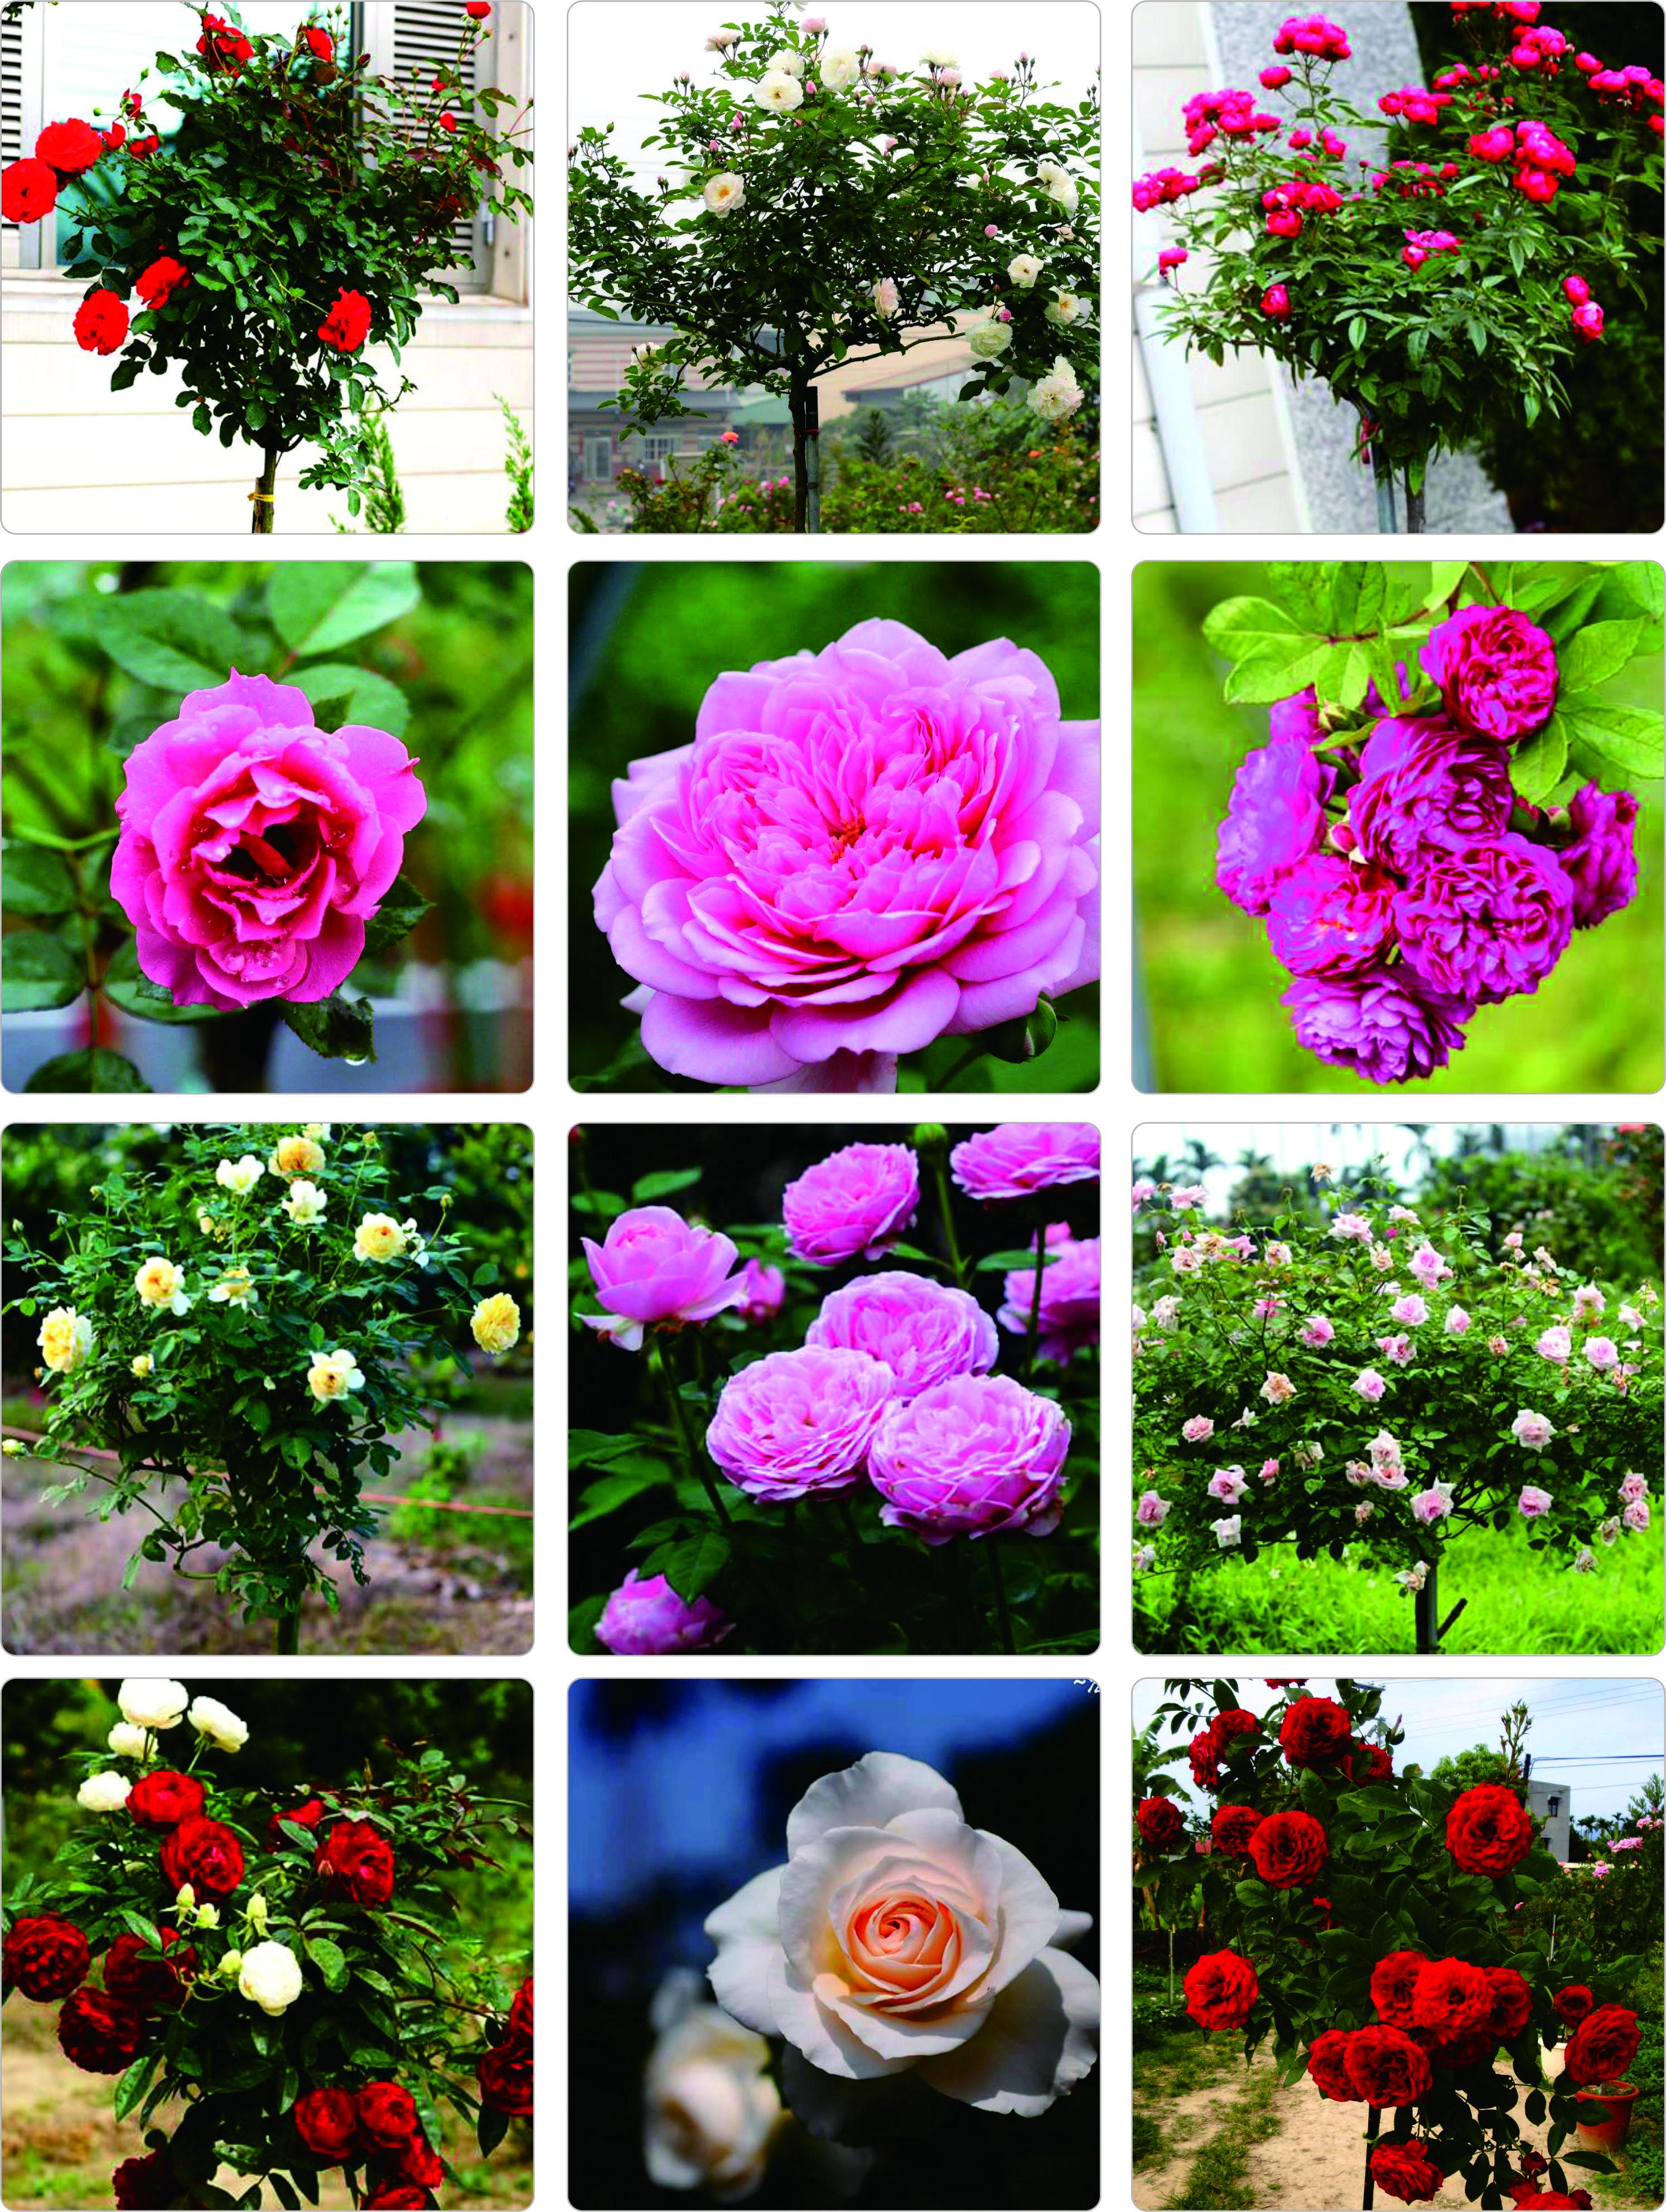 課程師資:綠加麗樹玫瑰園/園主 林章立